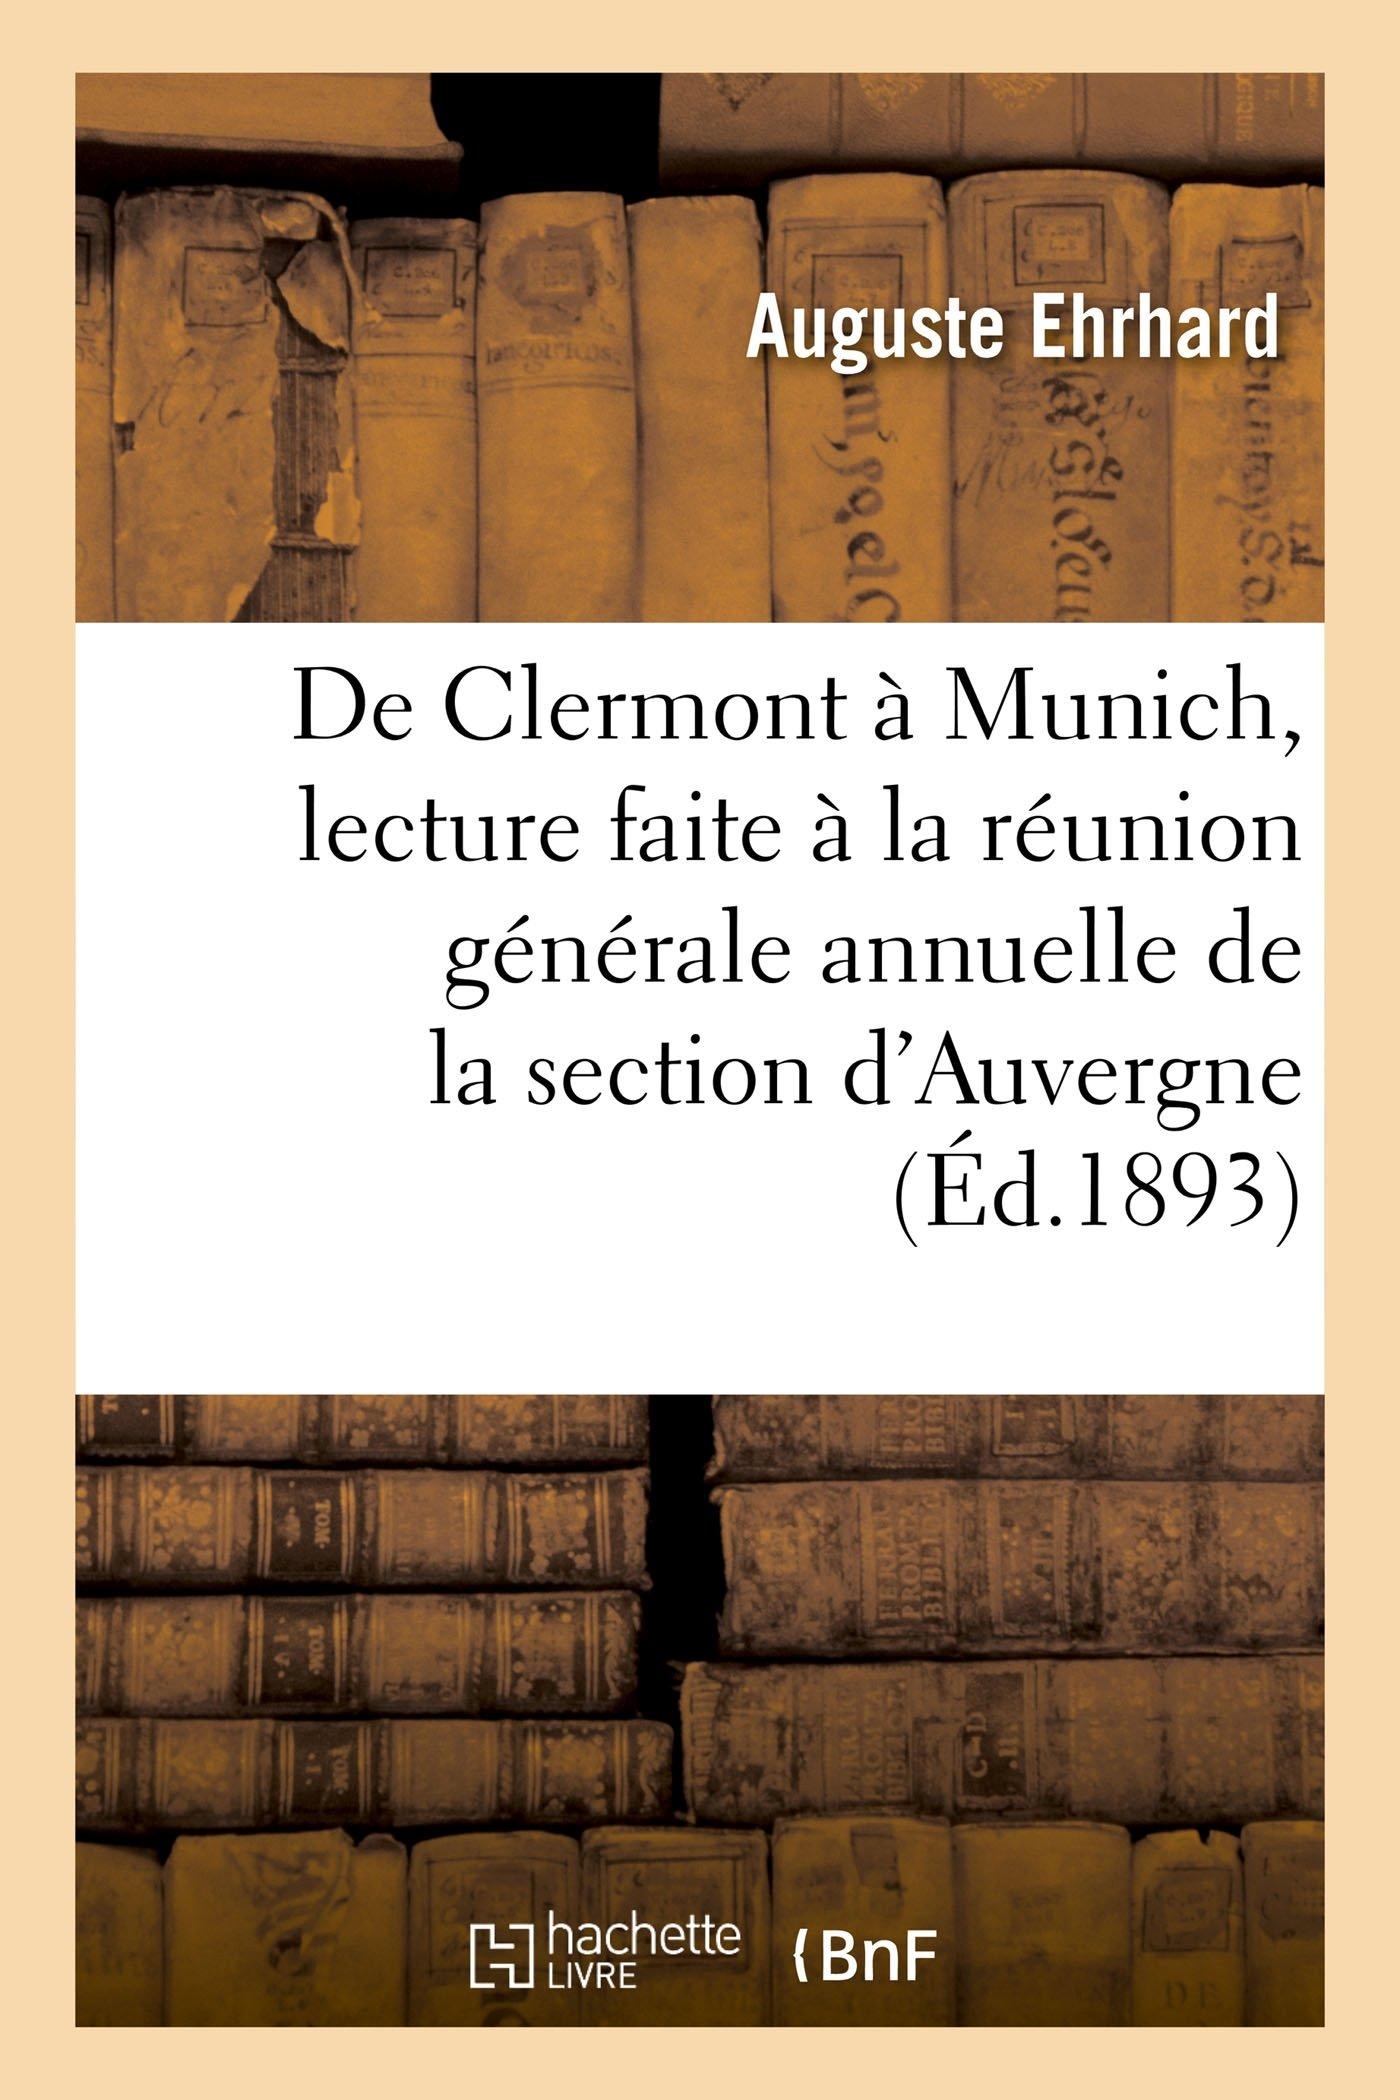 de Clermont À Munich, Lecture À La Réunion Générale Annuelle de la Section d'Auvergne Du Club Alpin (Histoire) (French Edition) pdf epub